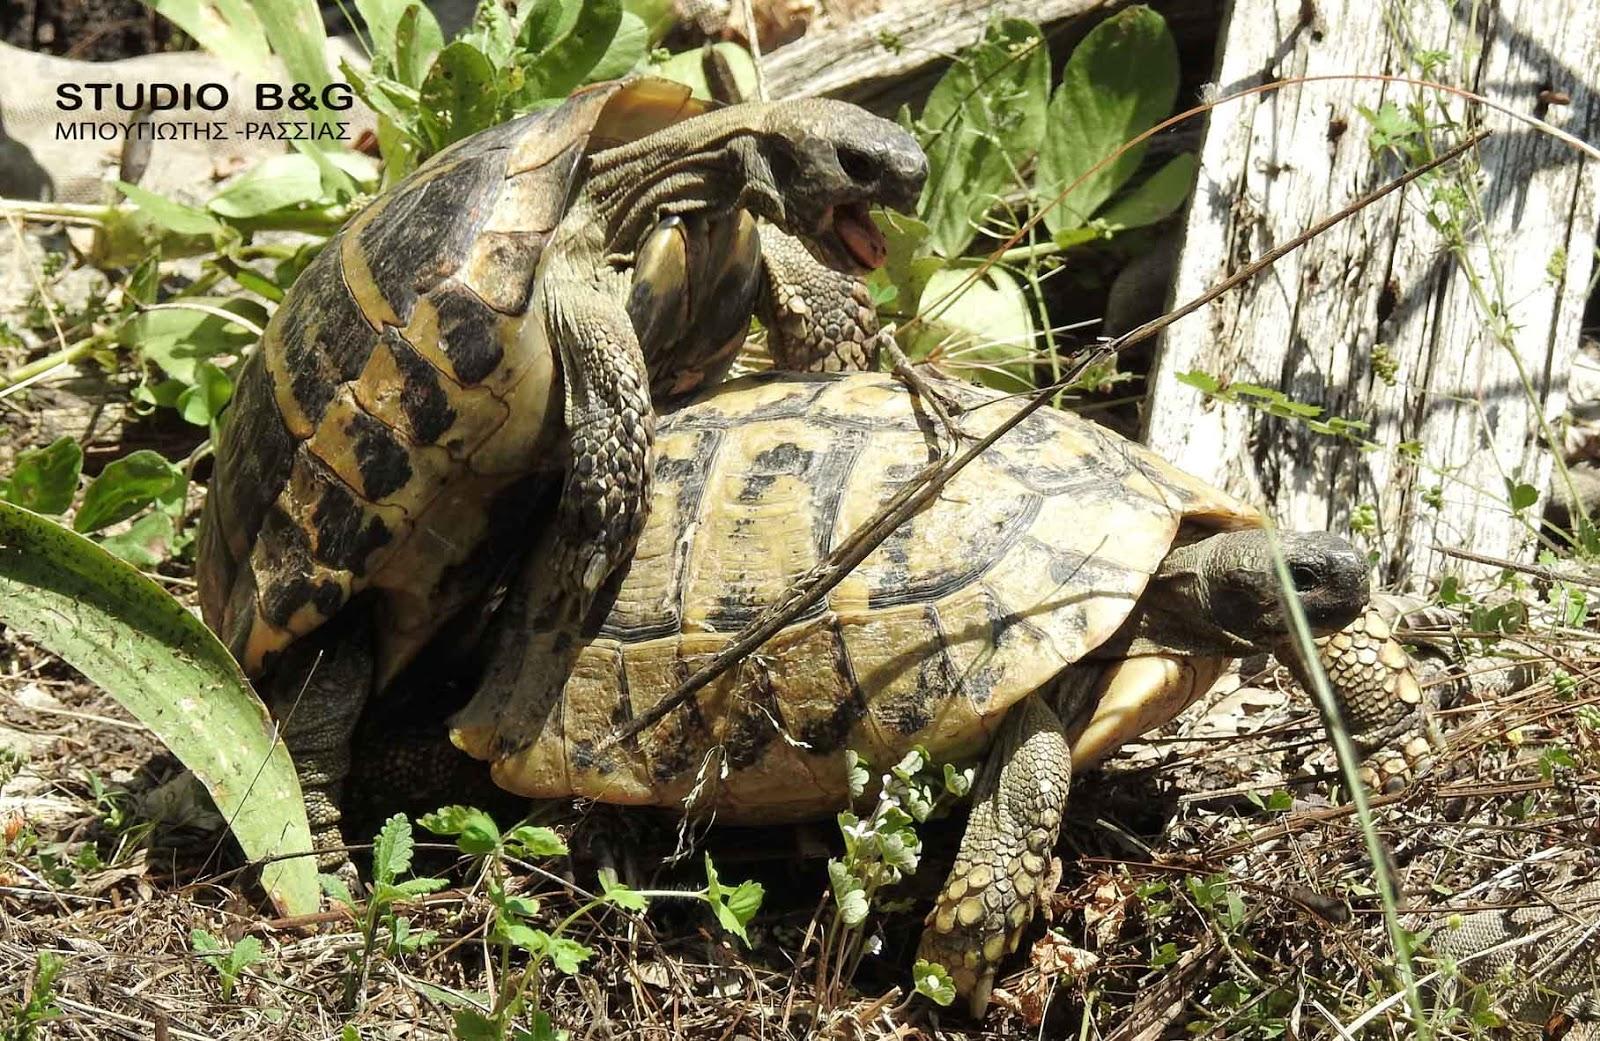 χελώνα άνθρωπος που χρονολογείται αντιστοιχία με τις ταυτότητες